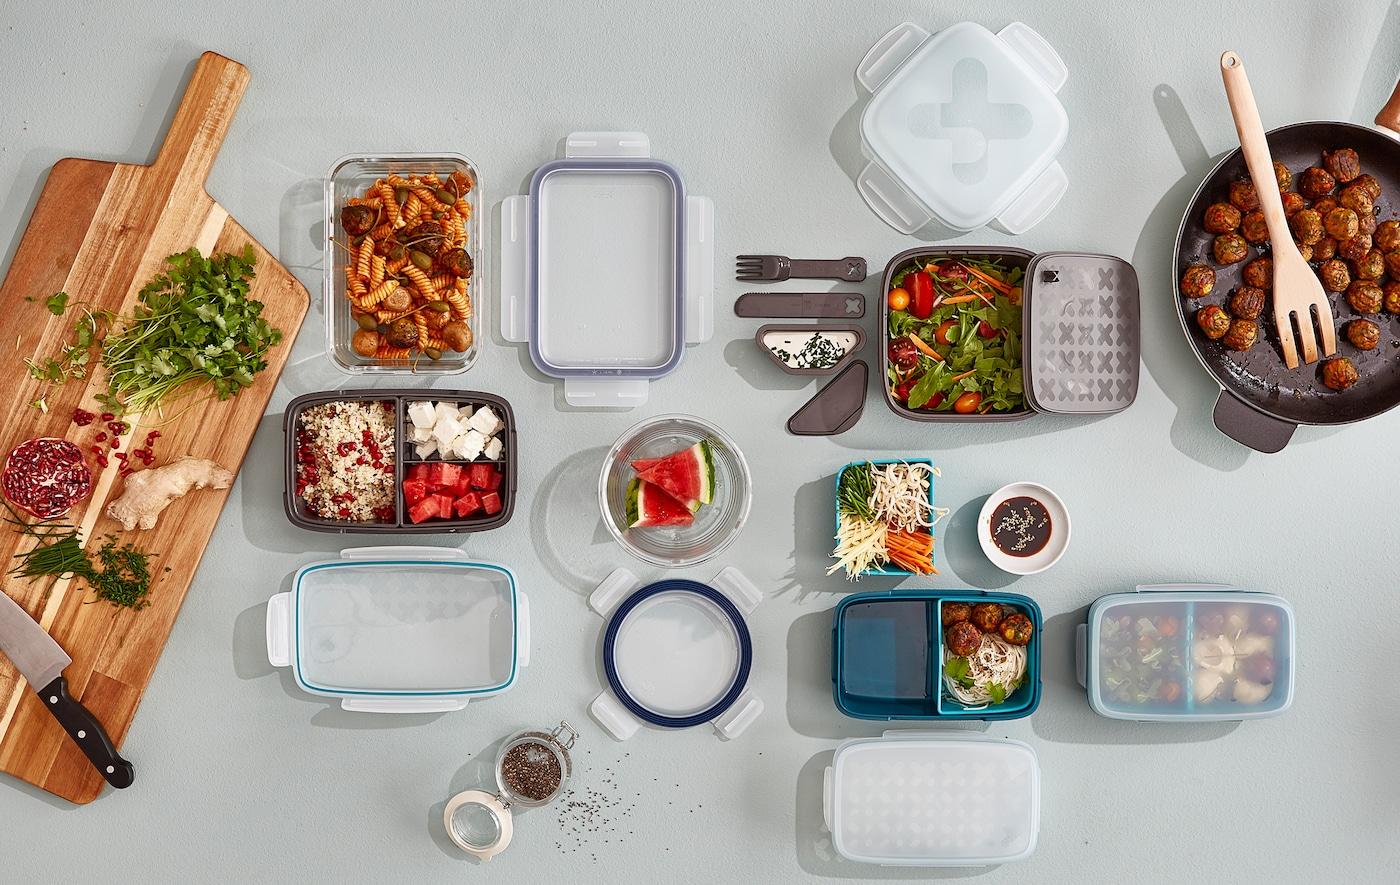 Una selección de recipientes para comida llenándose con alimentos junto a una sartén y una tabla de cortar.